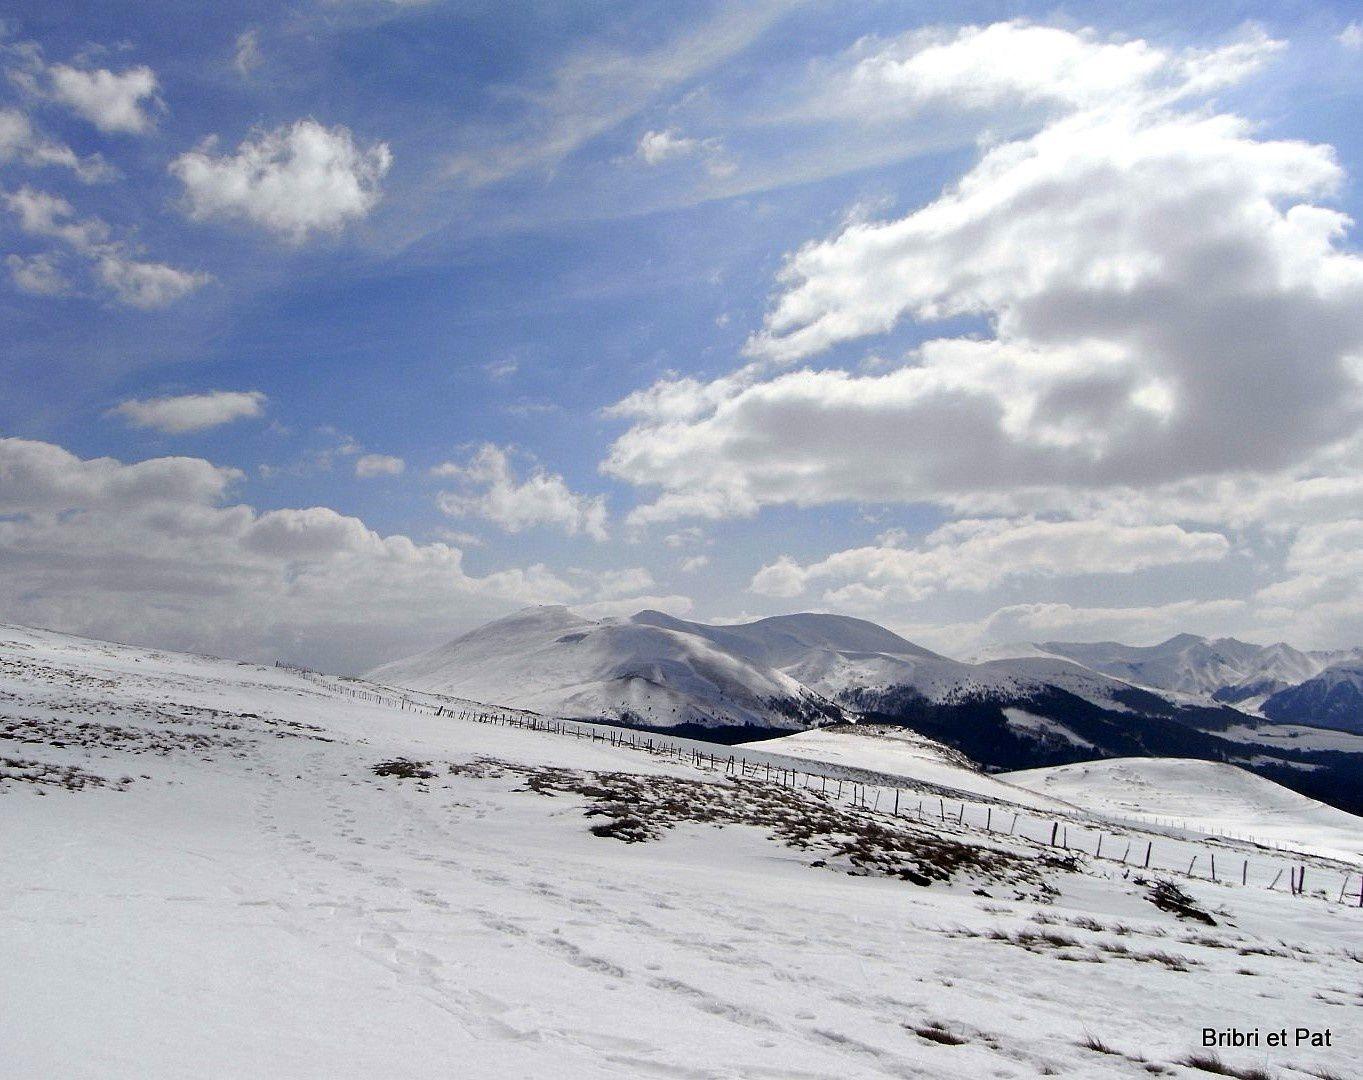 C'est beau l'Auvergne en hiver.